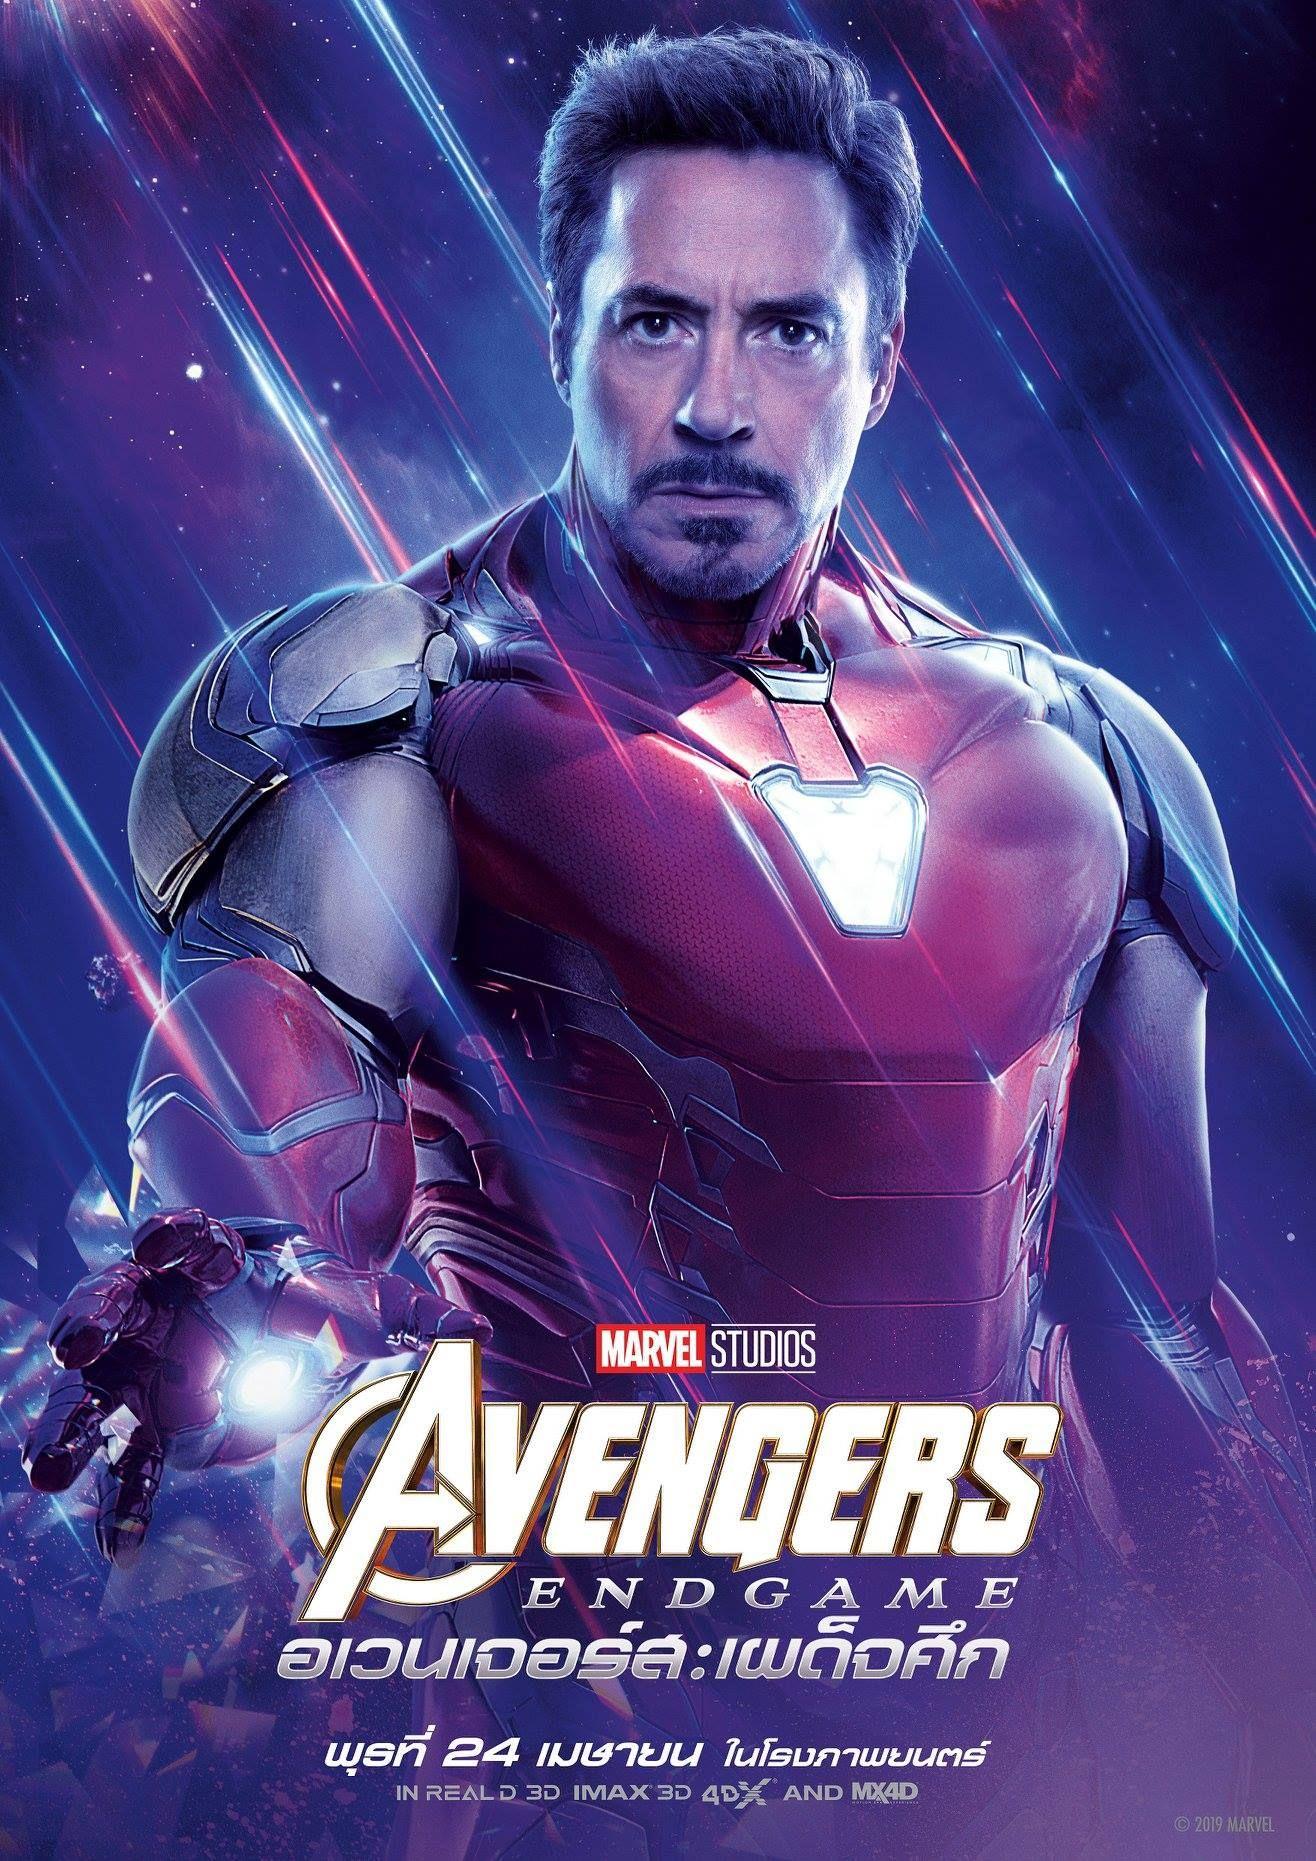 Tony Stark's tough time